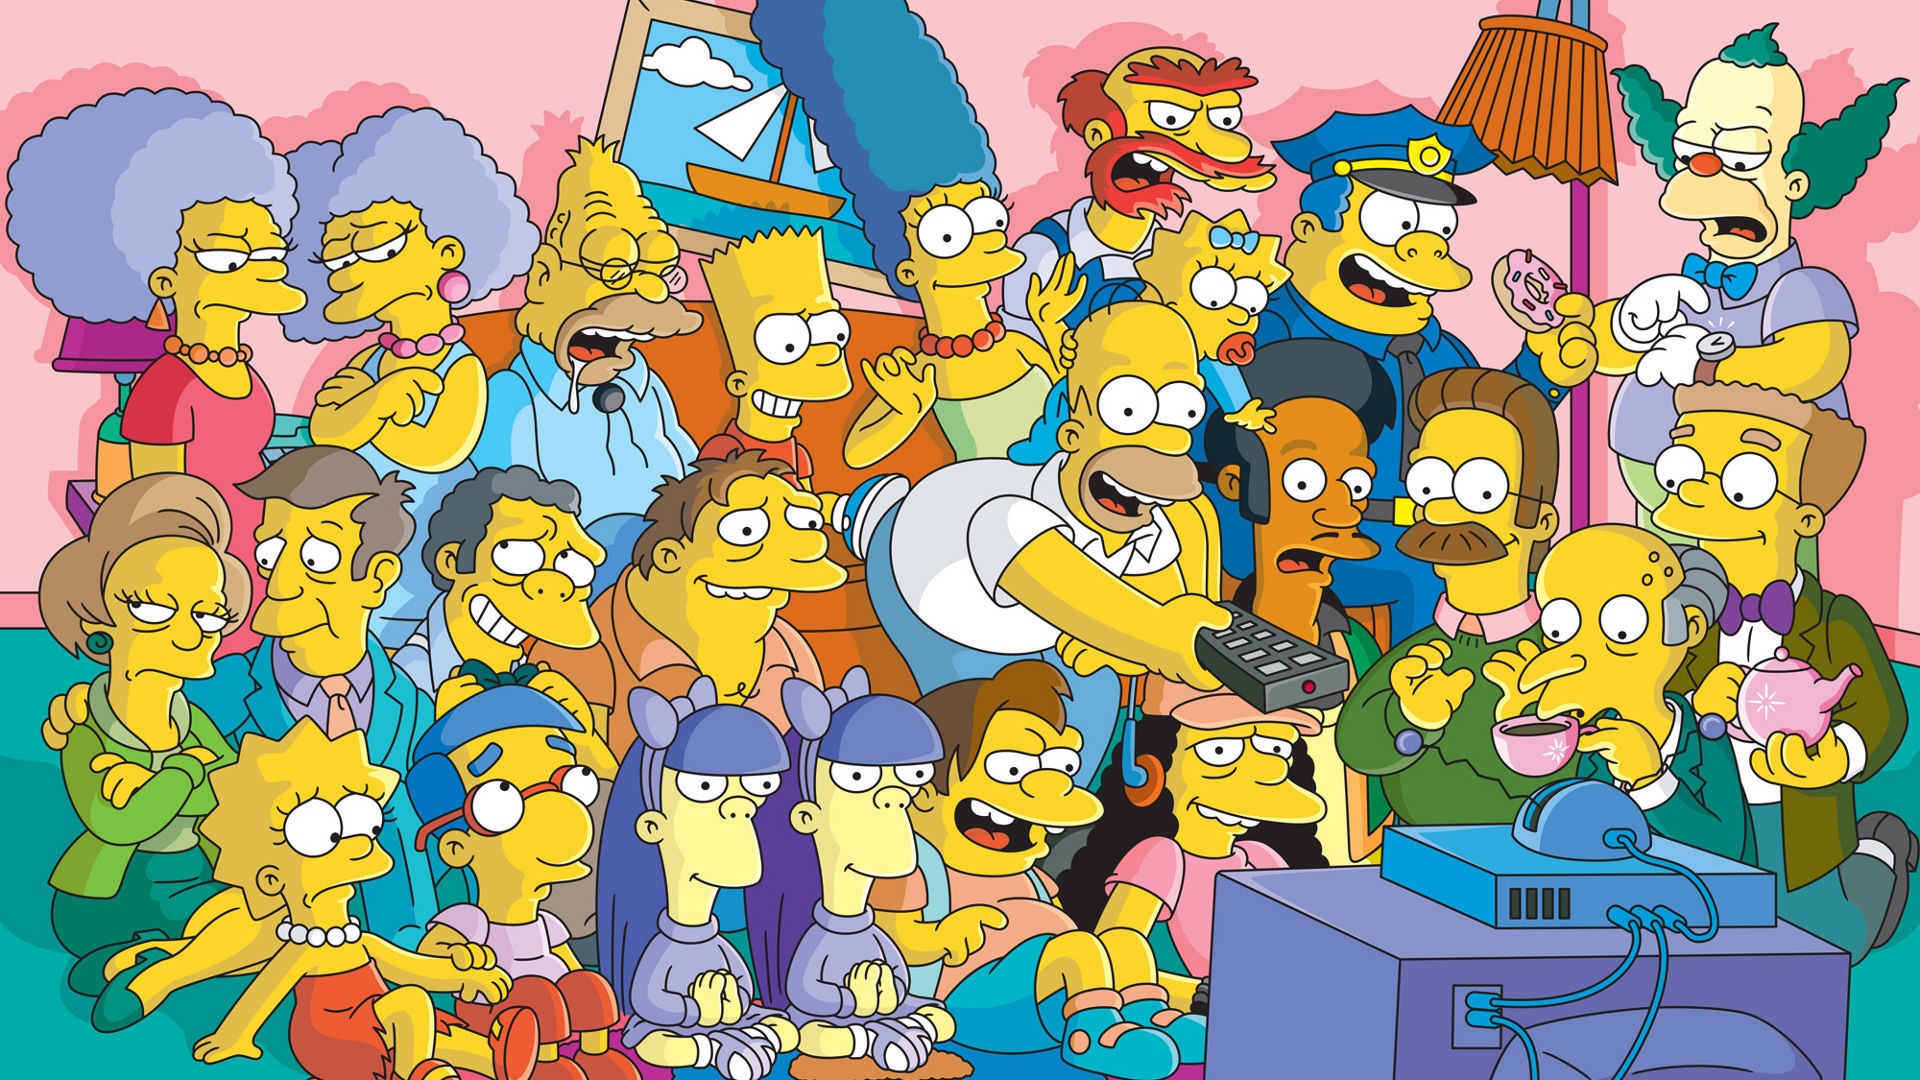 ¿En qué año se retransmitió el primer episodio de Los Simpson?